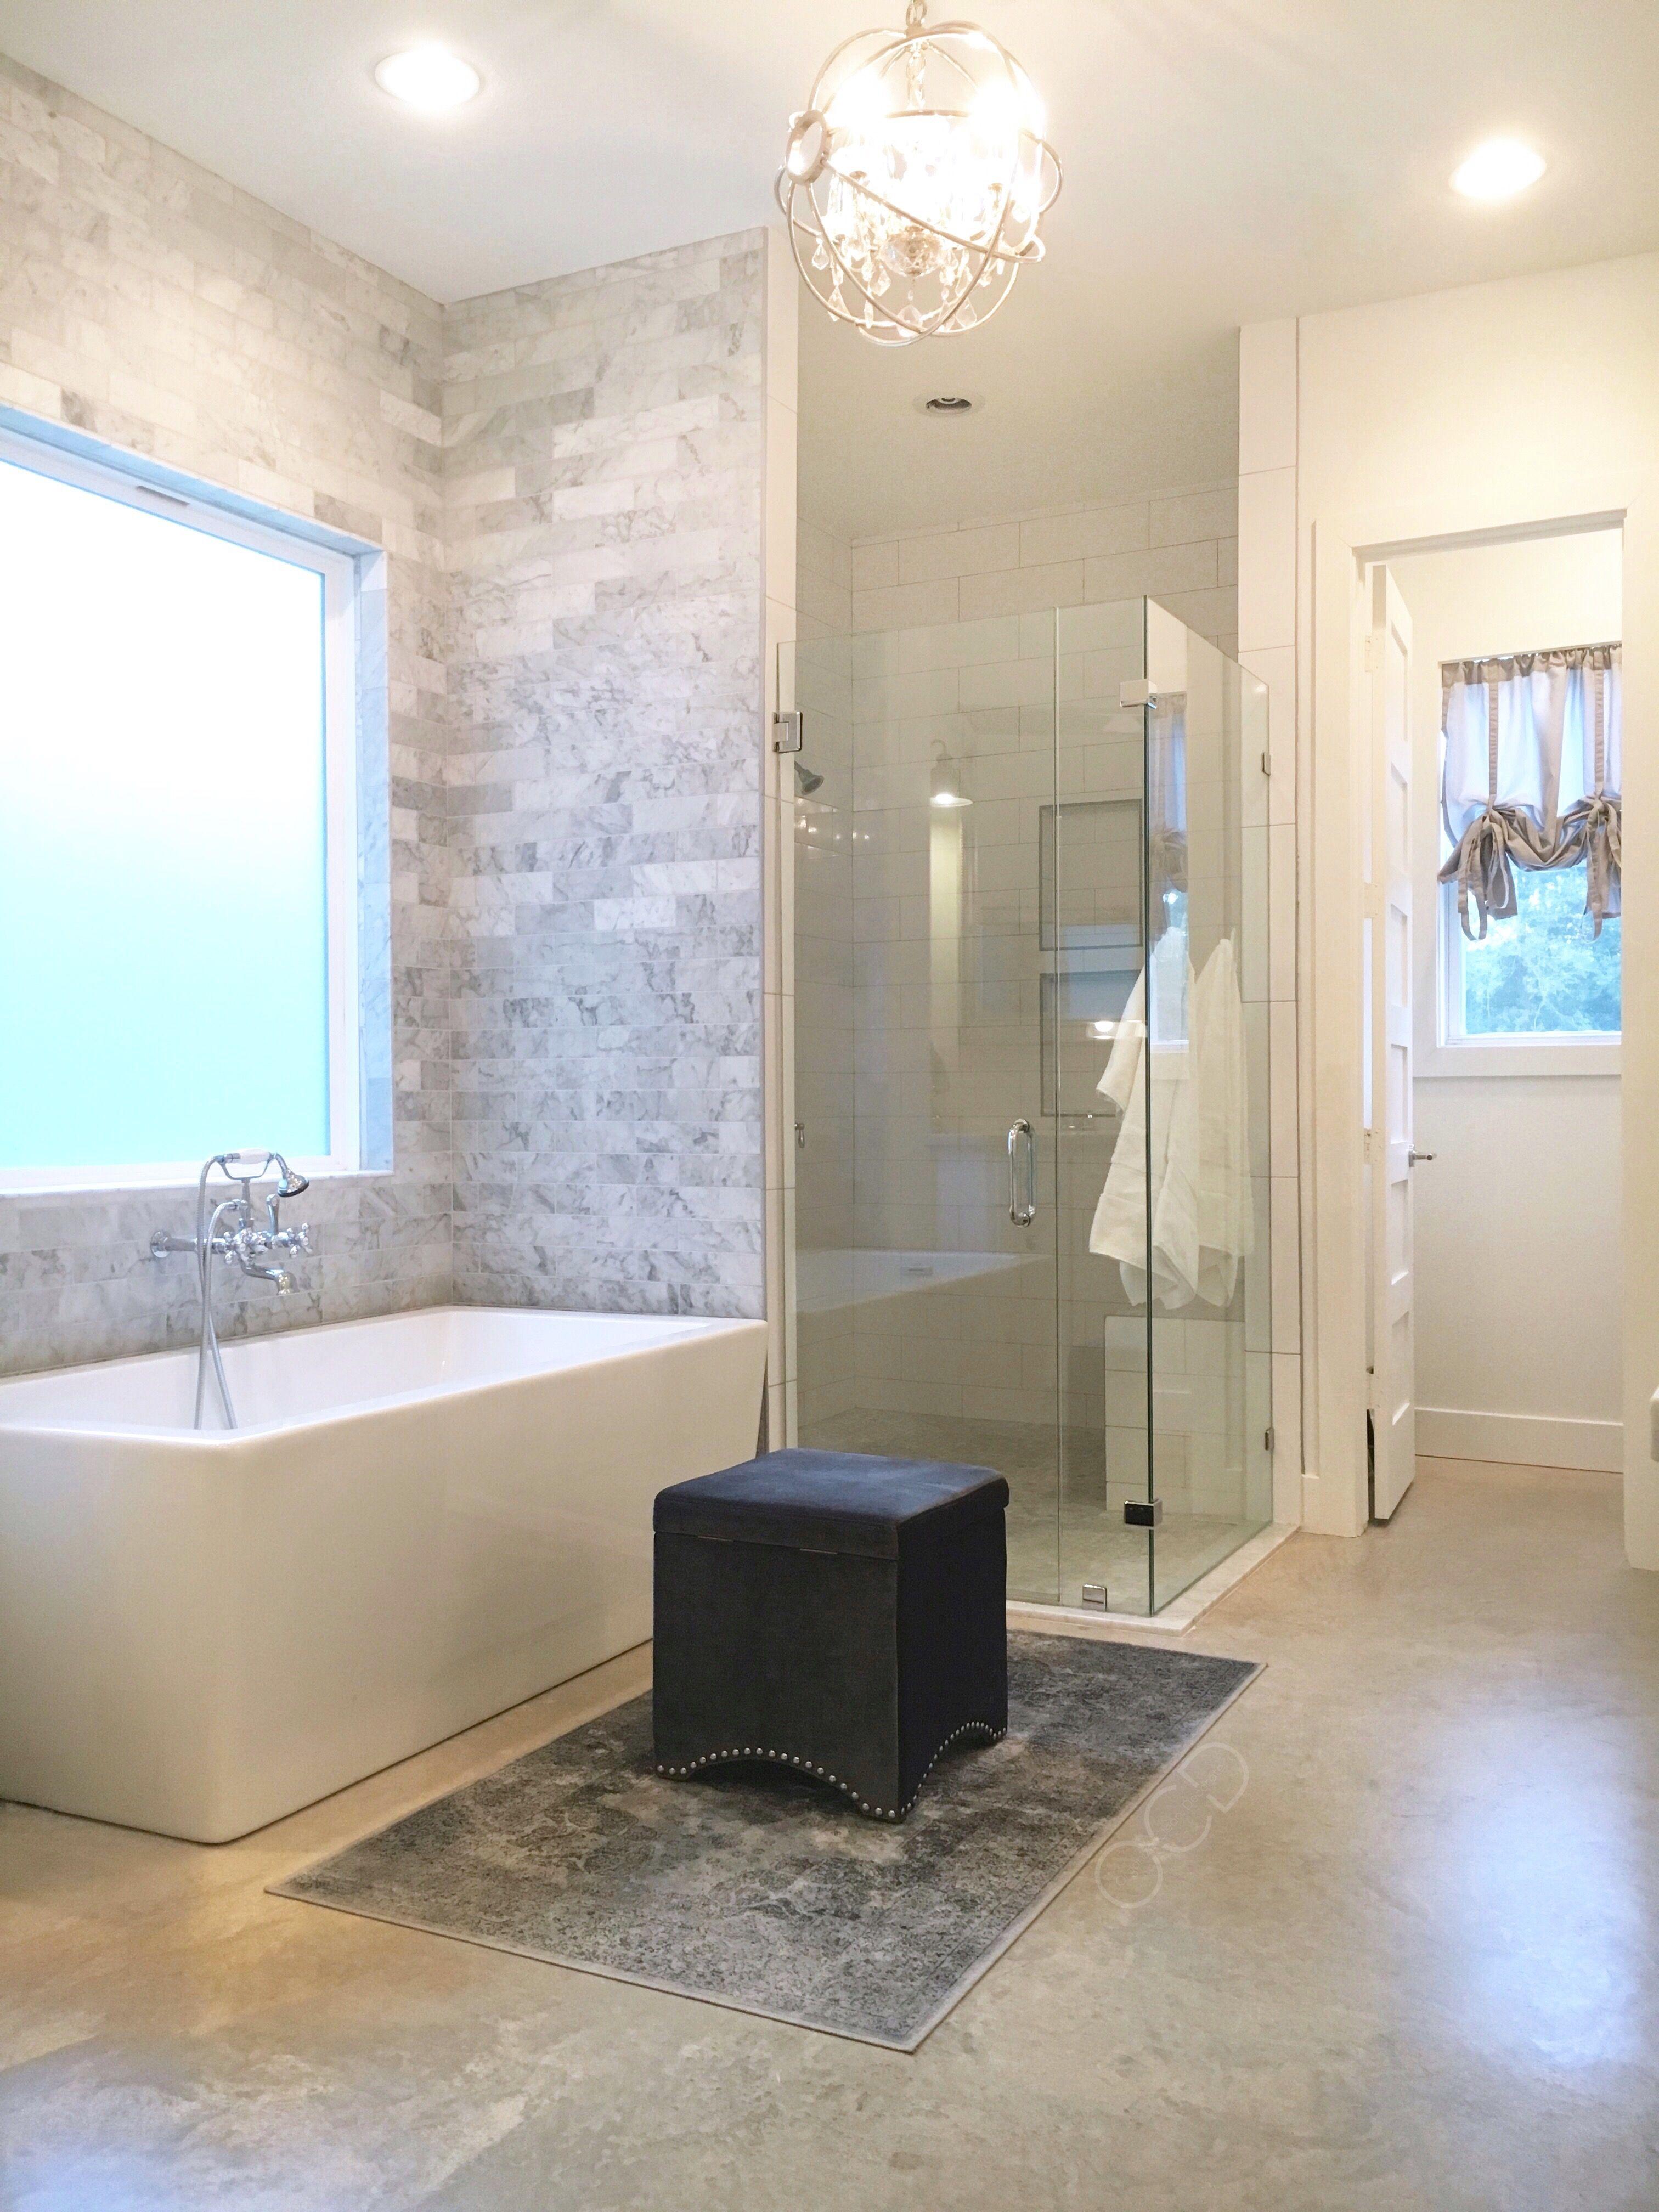 Shower Tub Sink Cleaner Diy